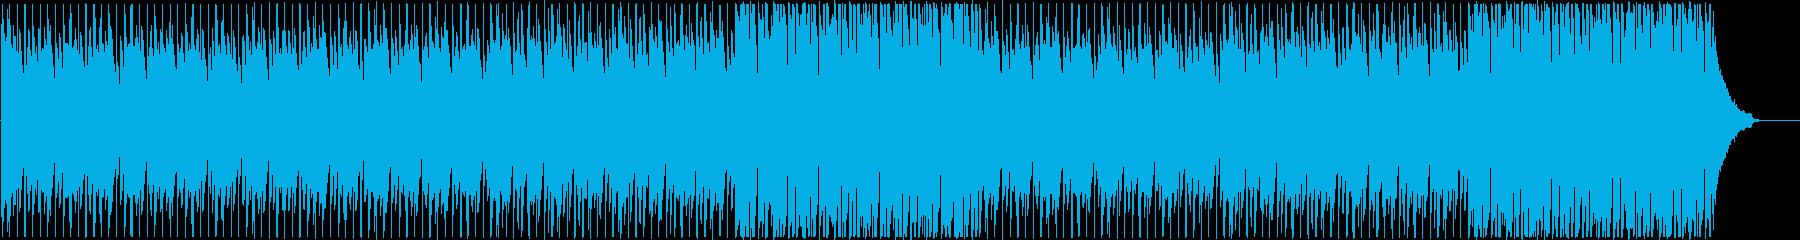 企業VP 優しい・癒し ピアノメインの再生済みの波形